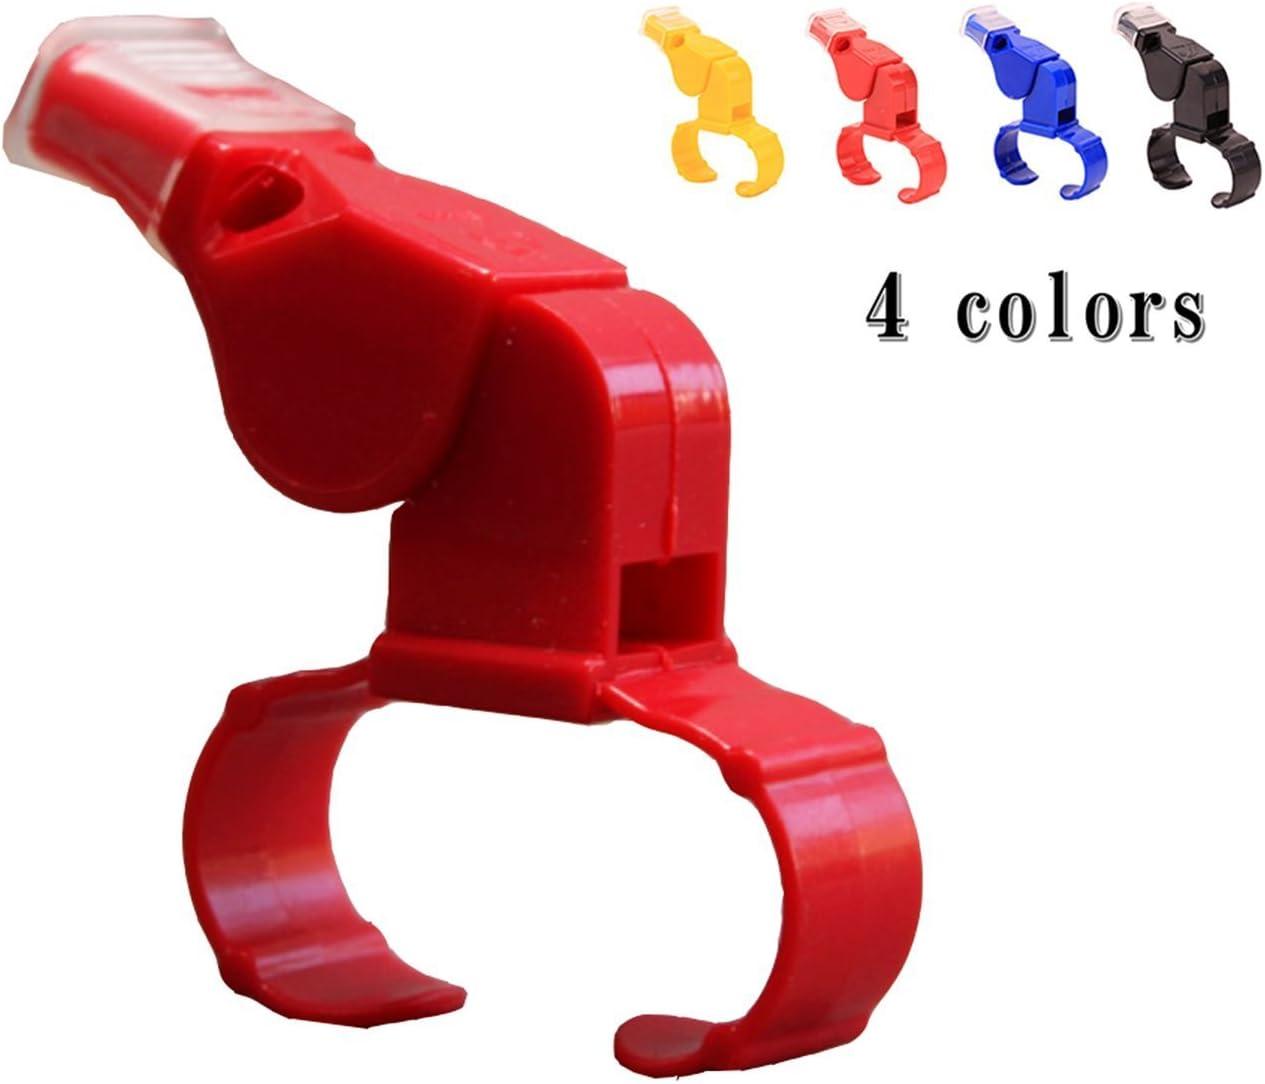 4 couleurs Sifflet darbitre de ZM Pealess avec le doigt officiel darbitre de main de main et dentra/îneur tenu pour le match de football survie dans la nature